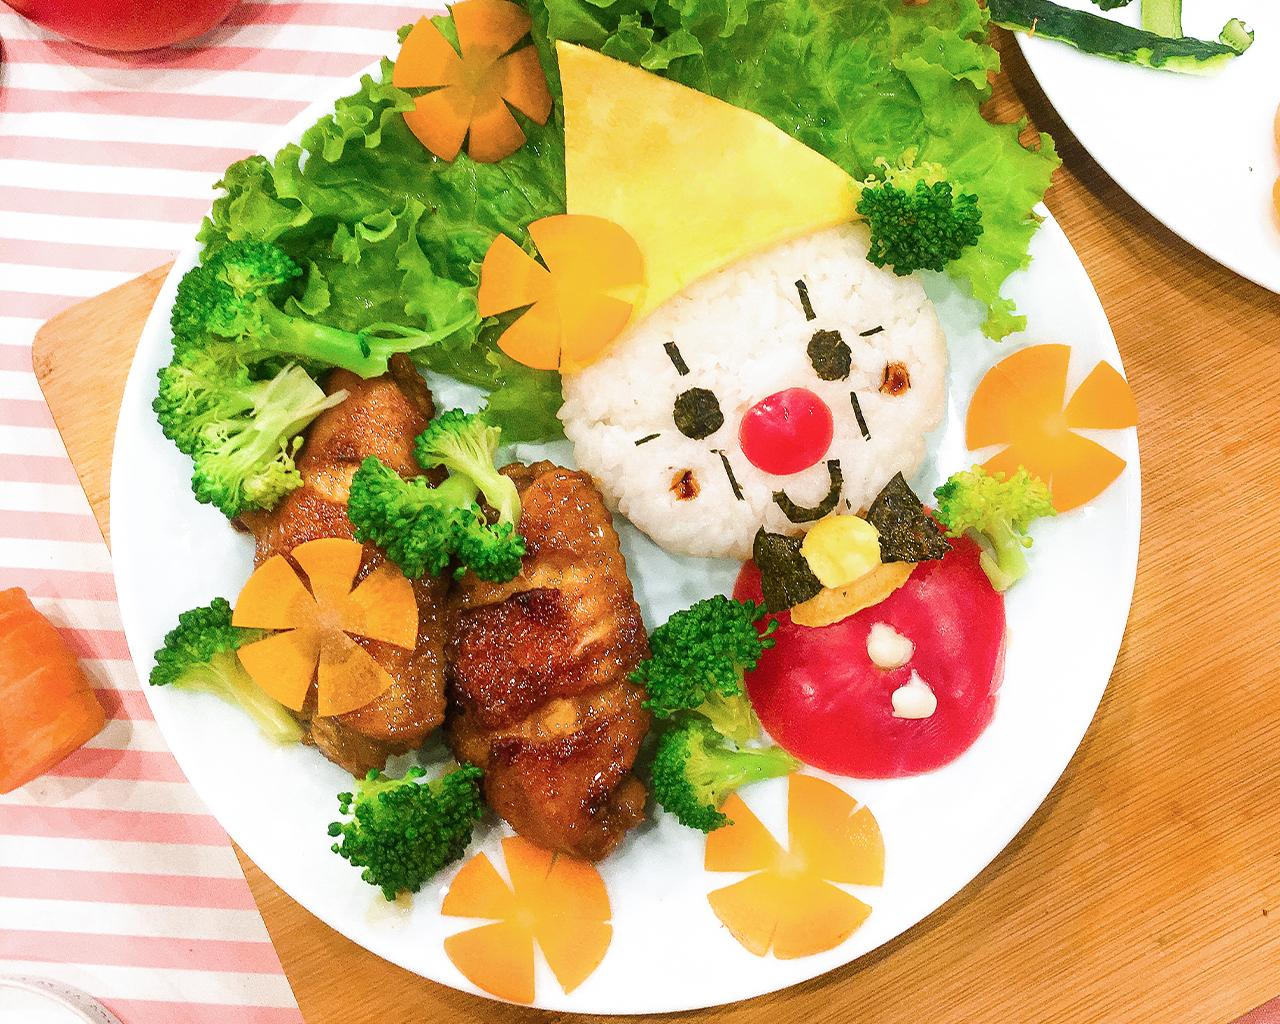 可爱儿童餐:小丑鸡翅,花样美食让小朋友爱上早餐的做法图解9